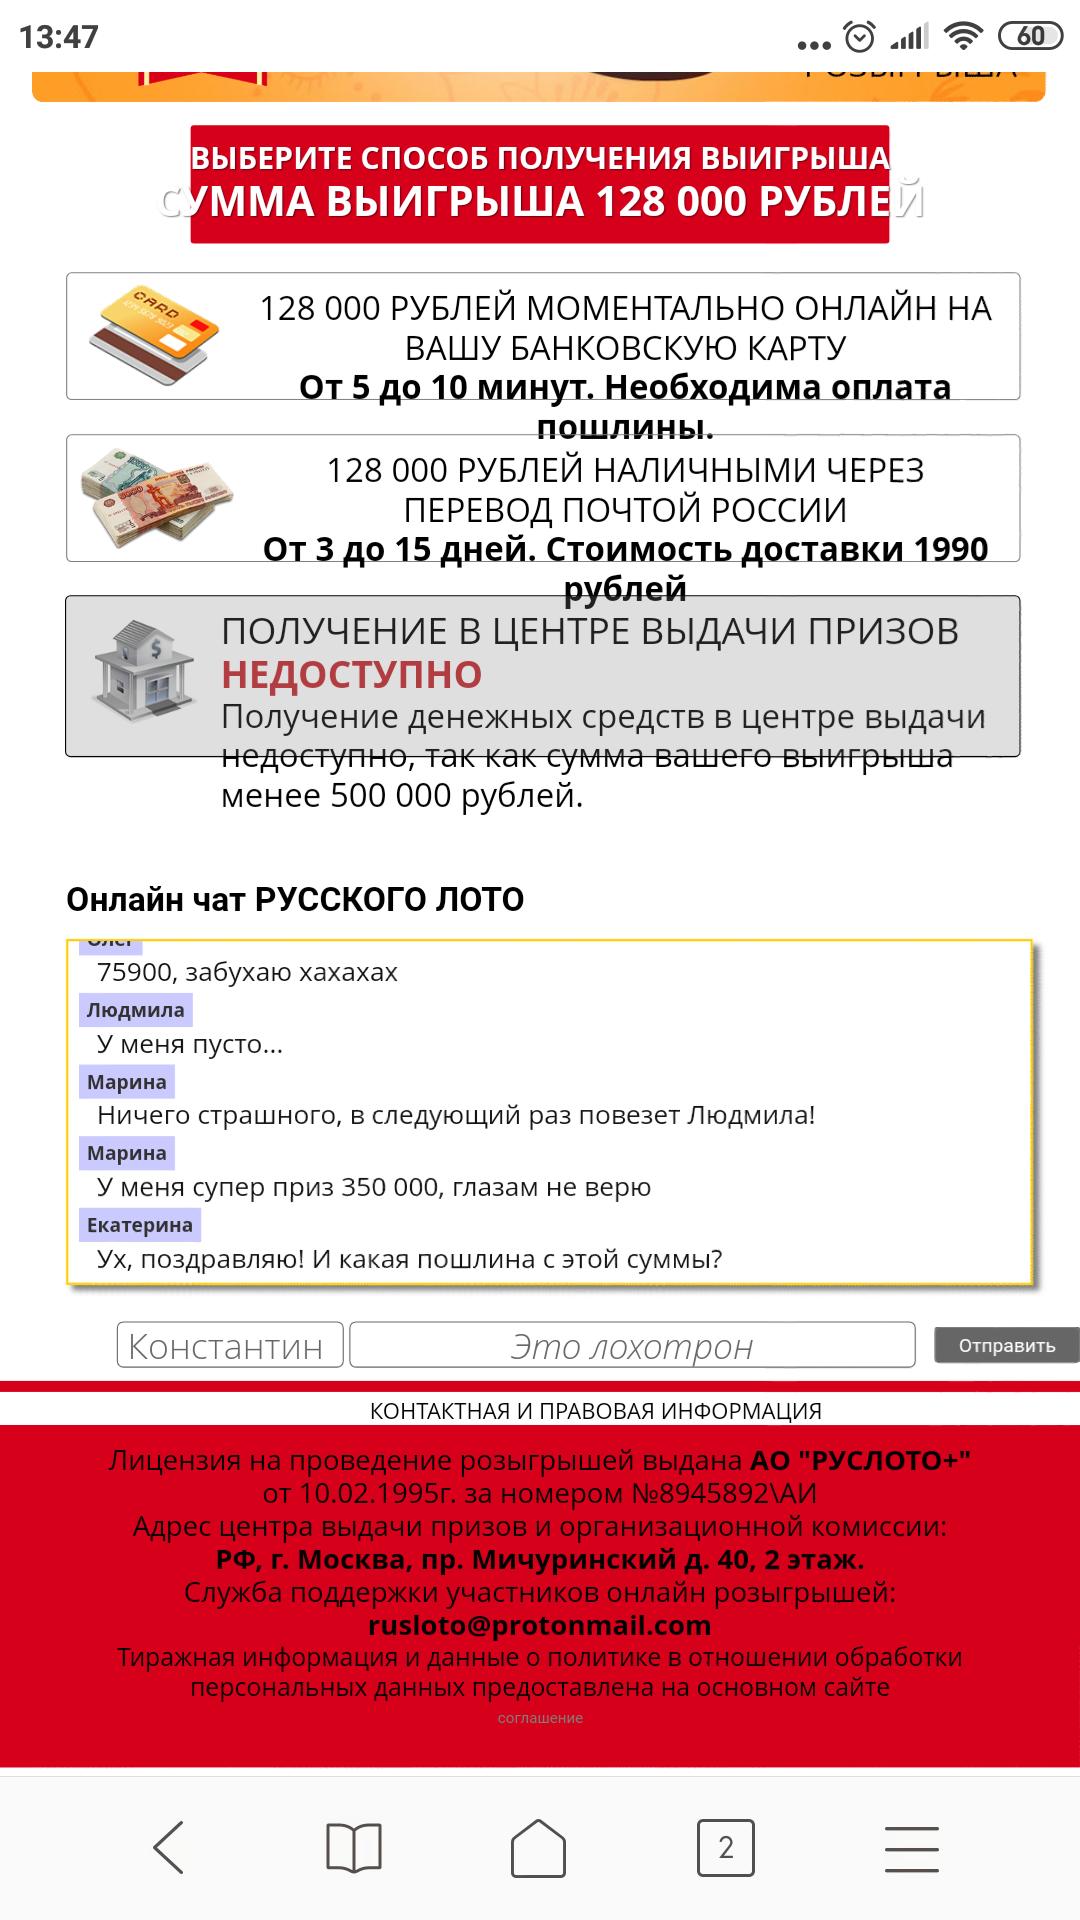 казино онлайн руслото